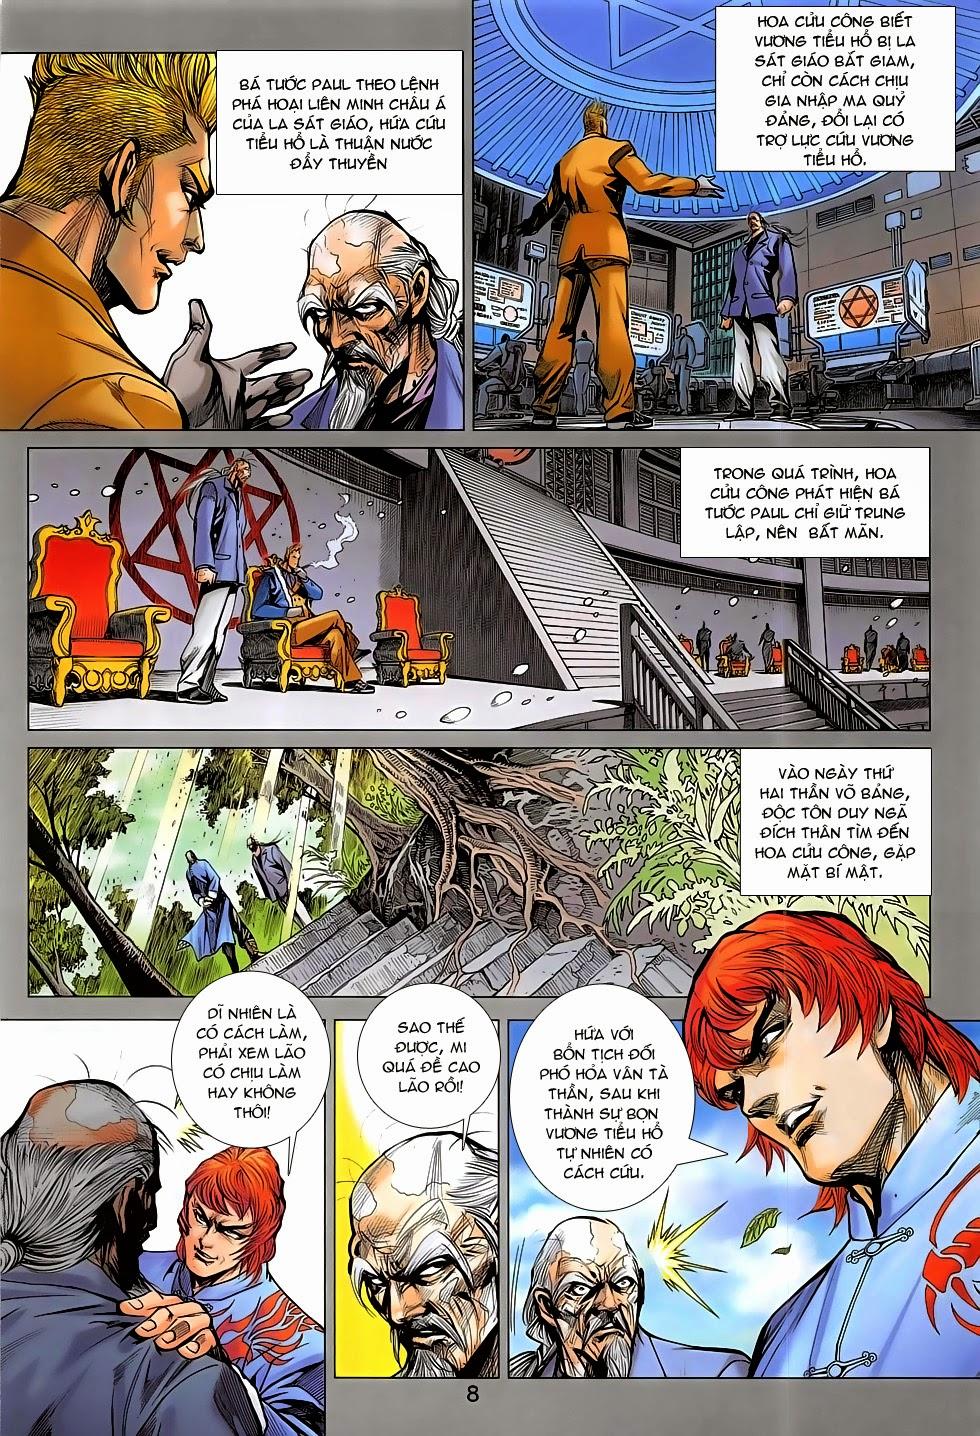 Tân Tác Long Hổ Môn chap 782 Trang 8 - Mangak.info